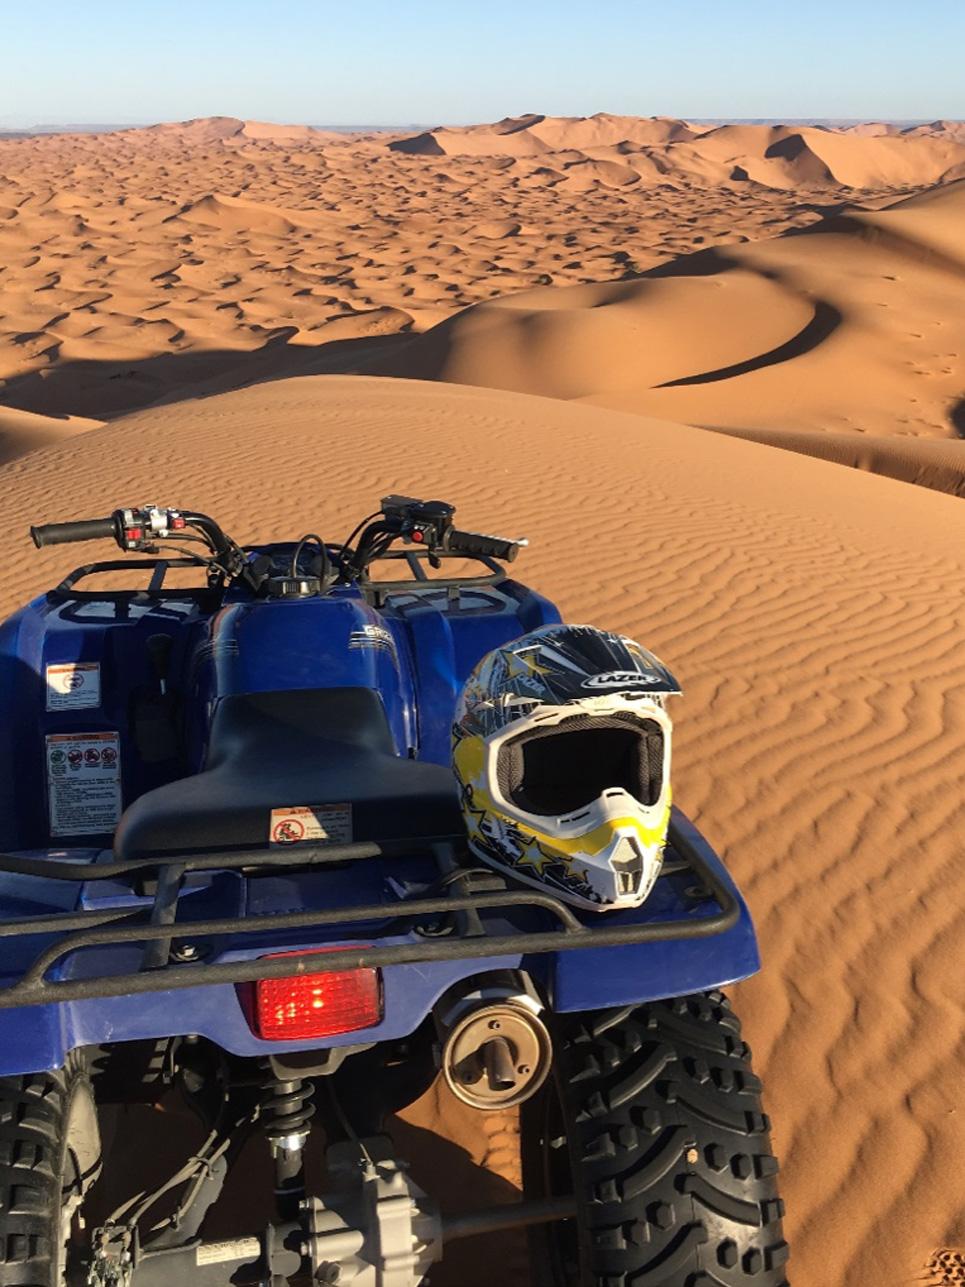 Schnappschuss des Tages: Mit bis zu 50 km/h wurden kleine, sowieso große Sanddünen erklommen. Das Gefühl von purer Freiheit!